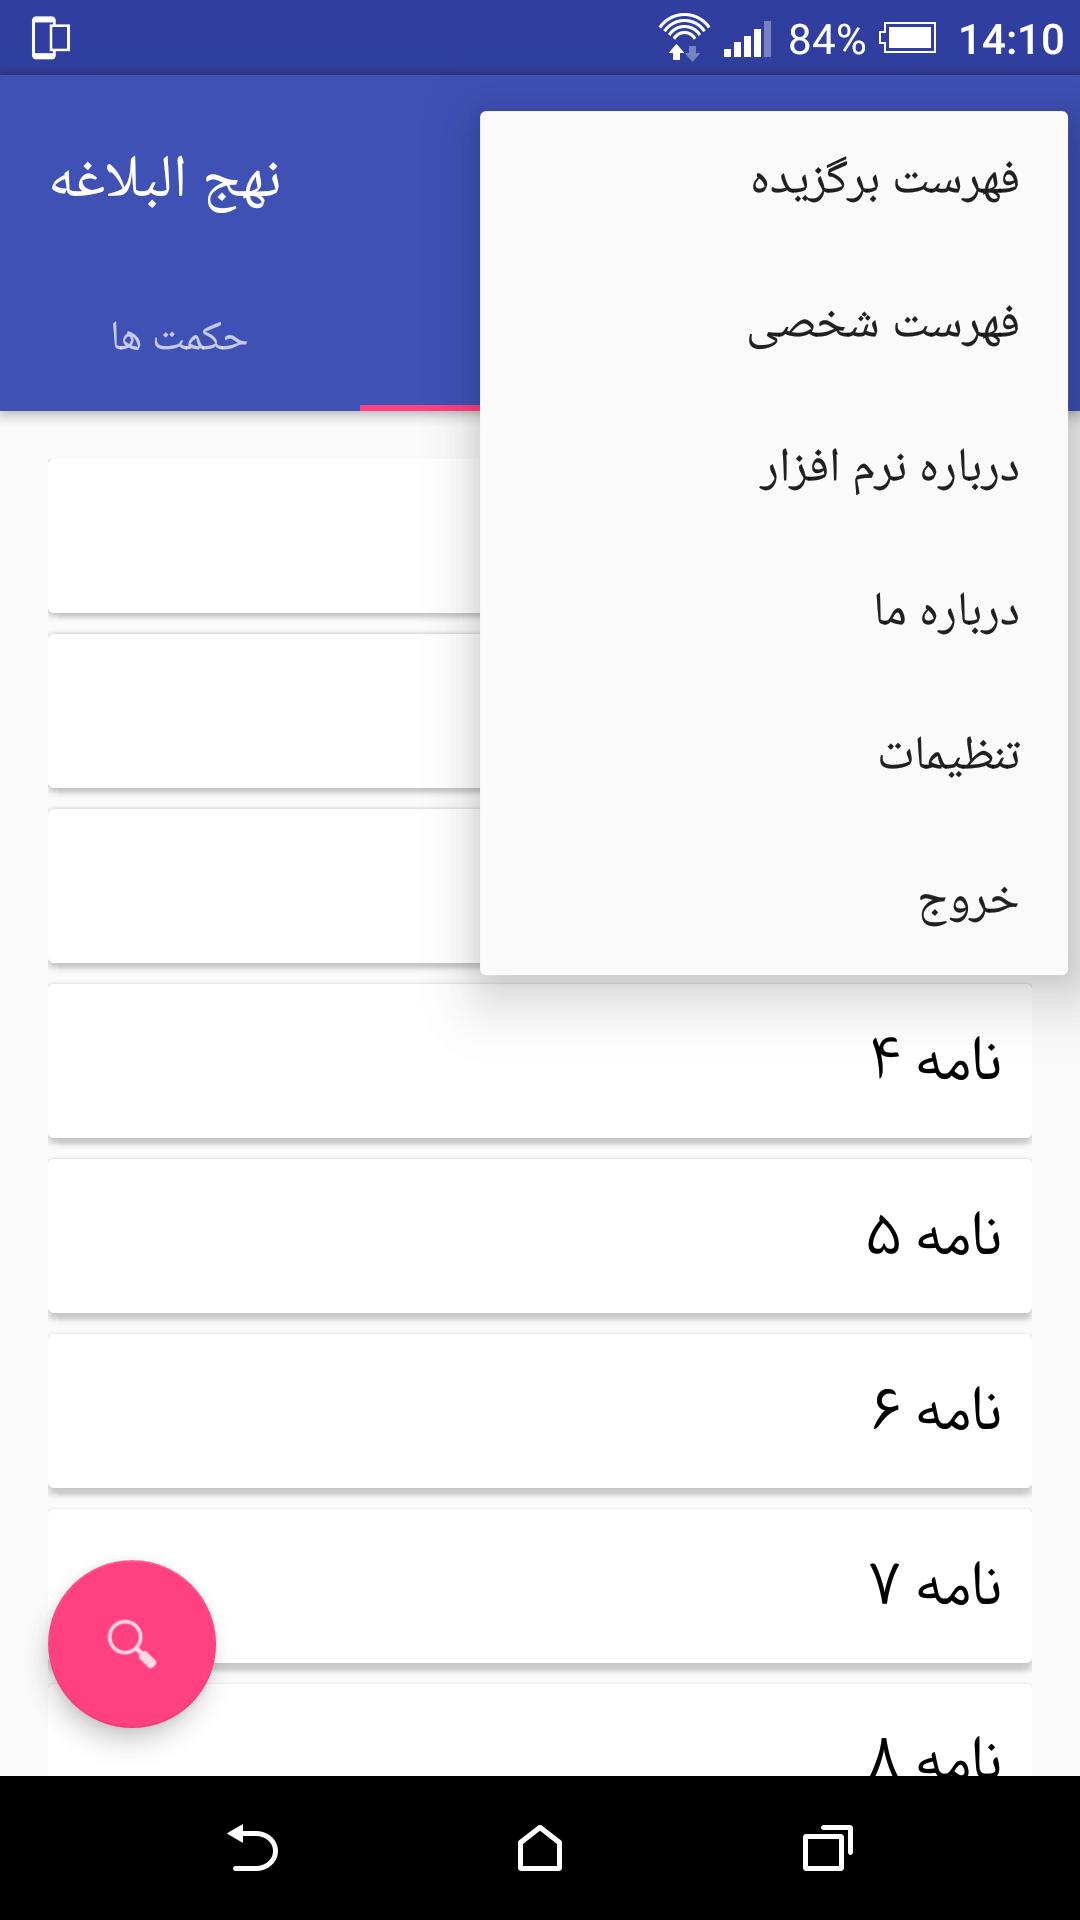 نهج البلاغه-مدرسه الامام امیر المومنین (ع)